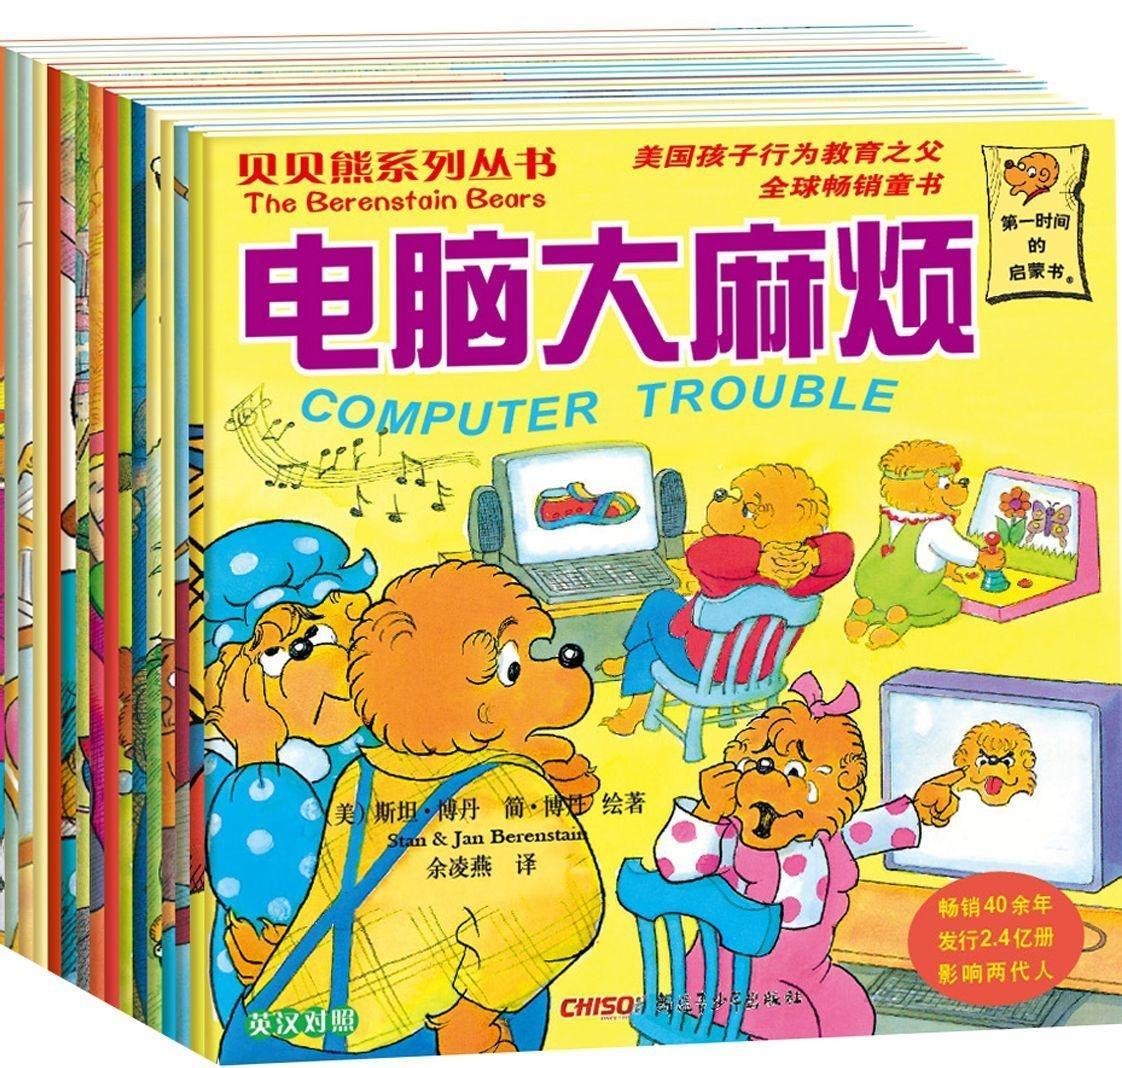 贝贝熊图册图片